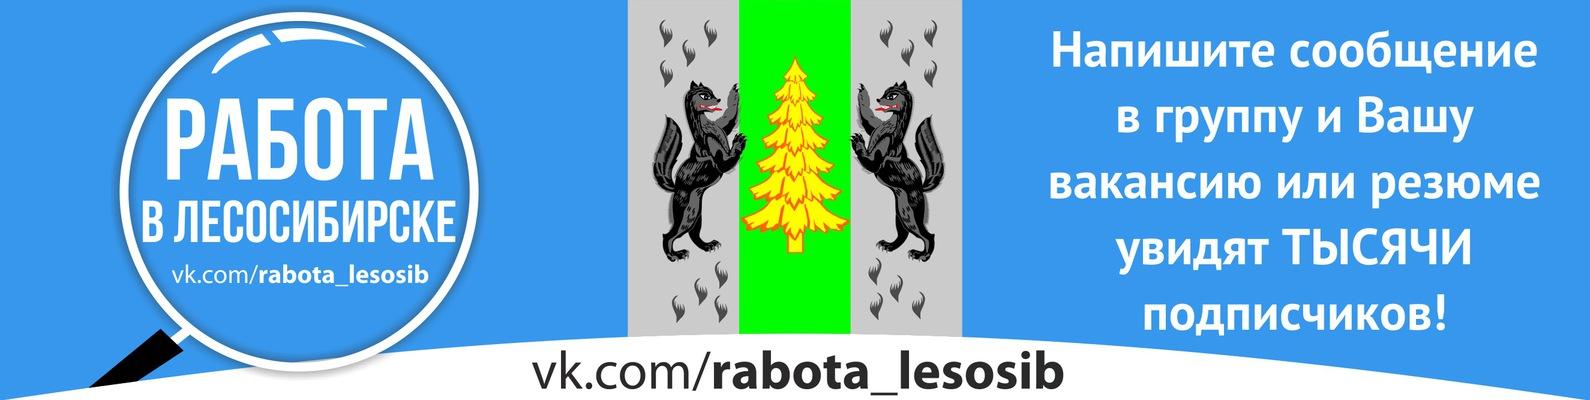 Работа в городе лесосибирске свежие вакансии жильё в судаке дать объявление